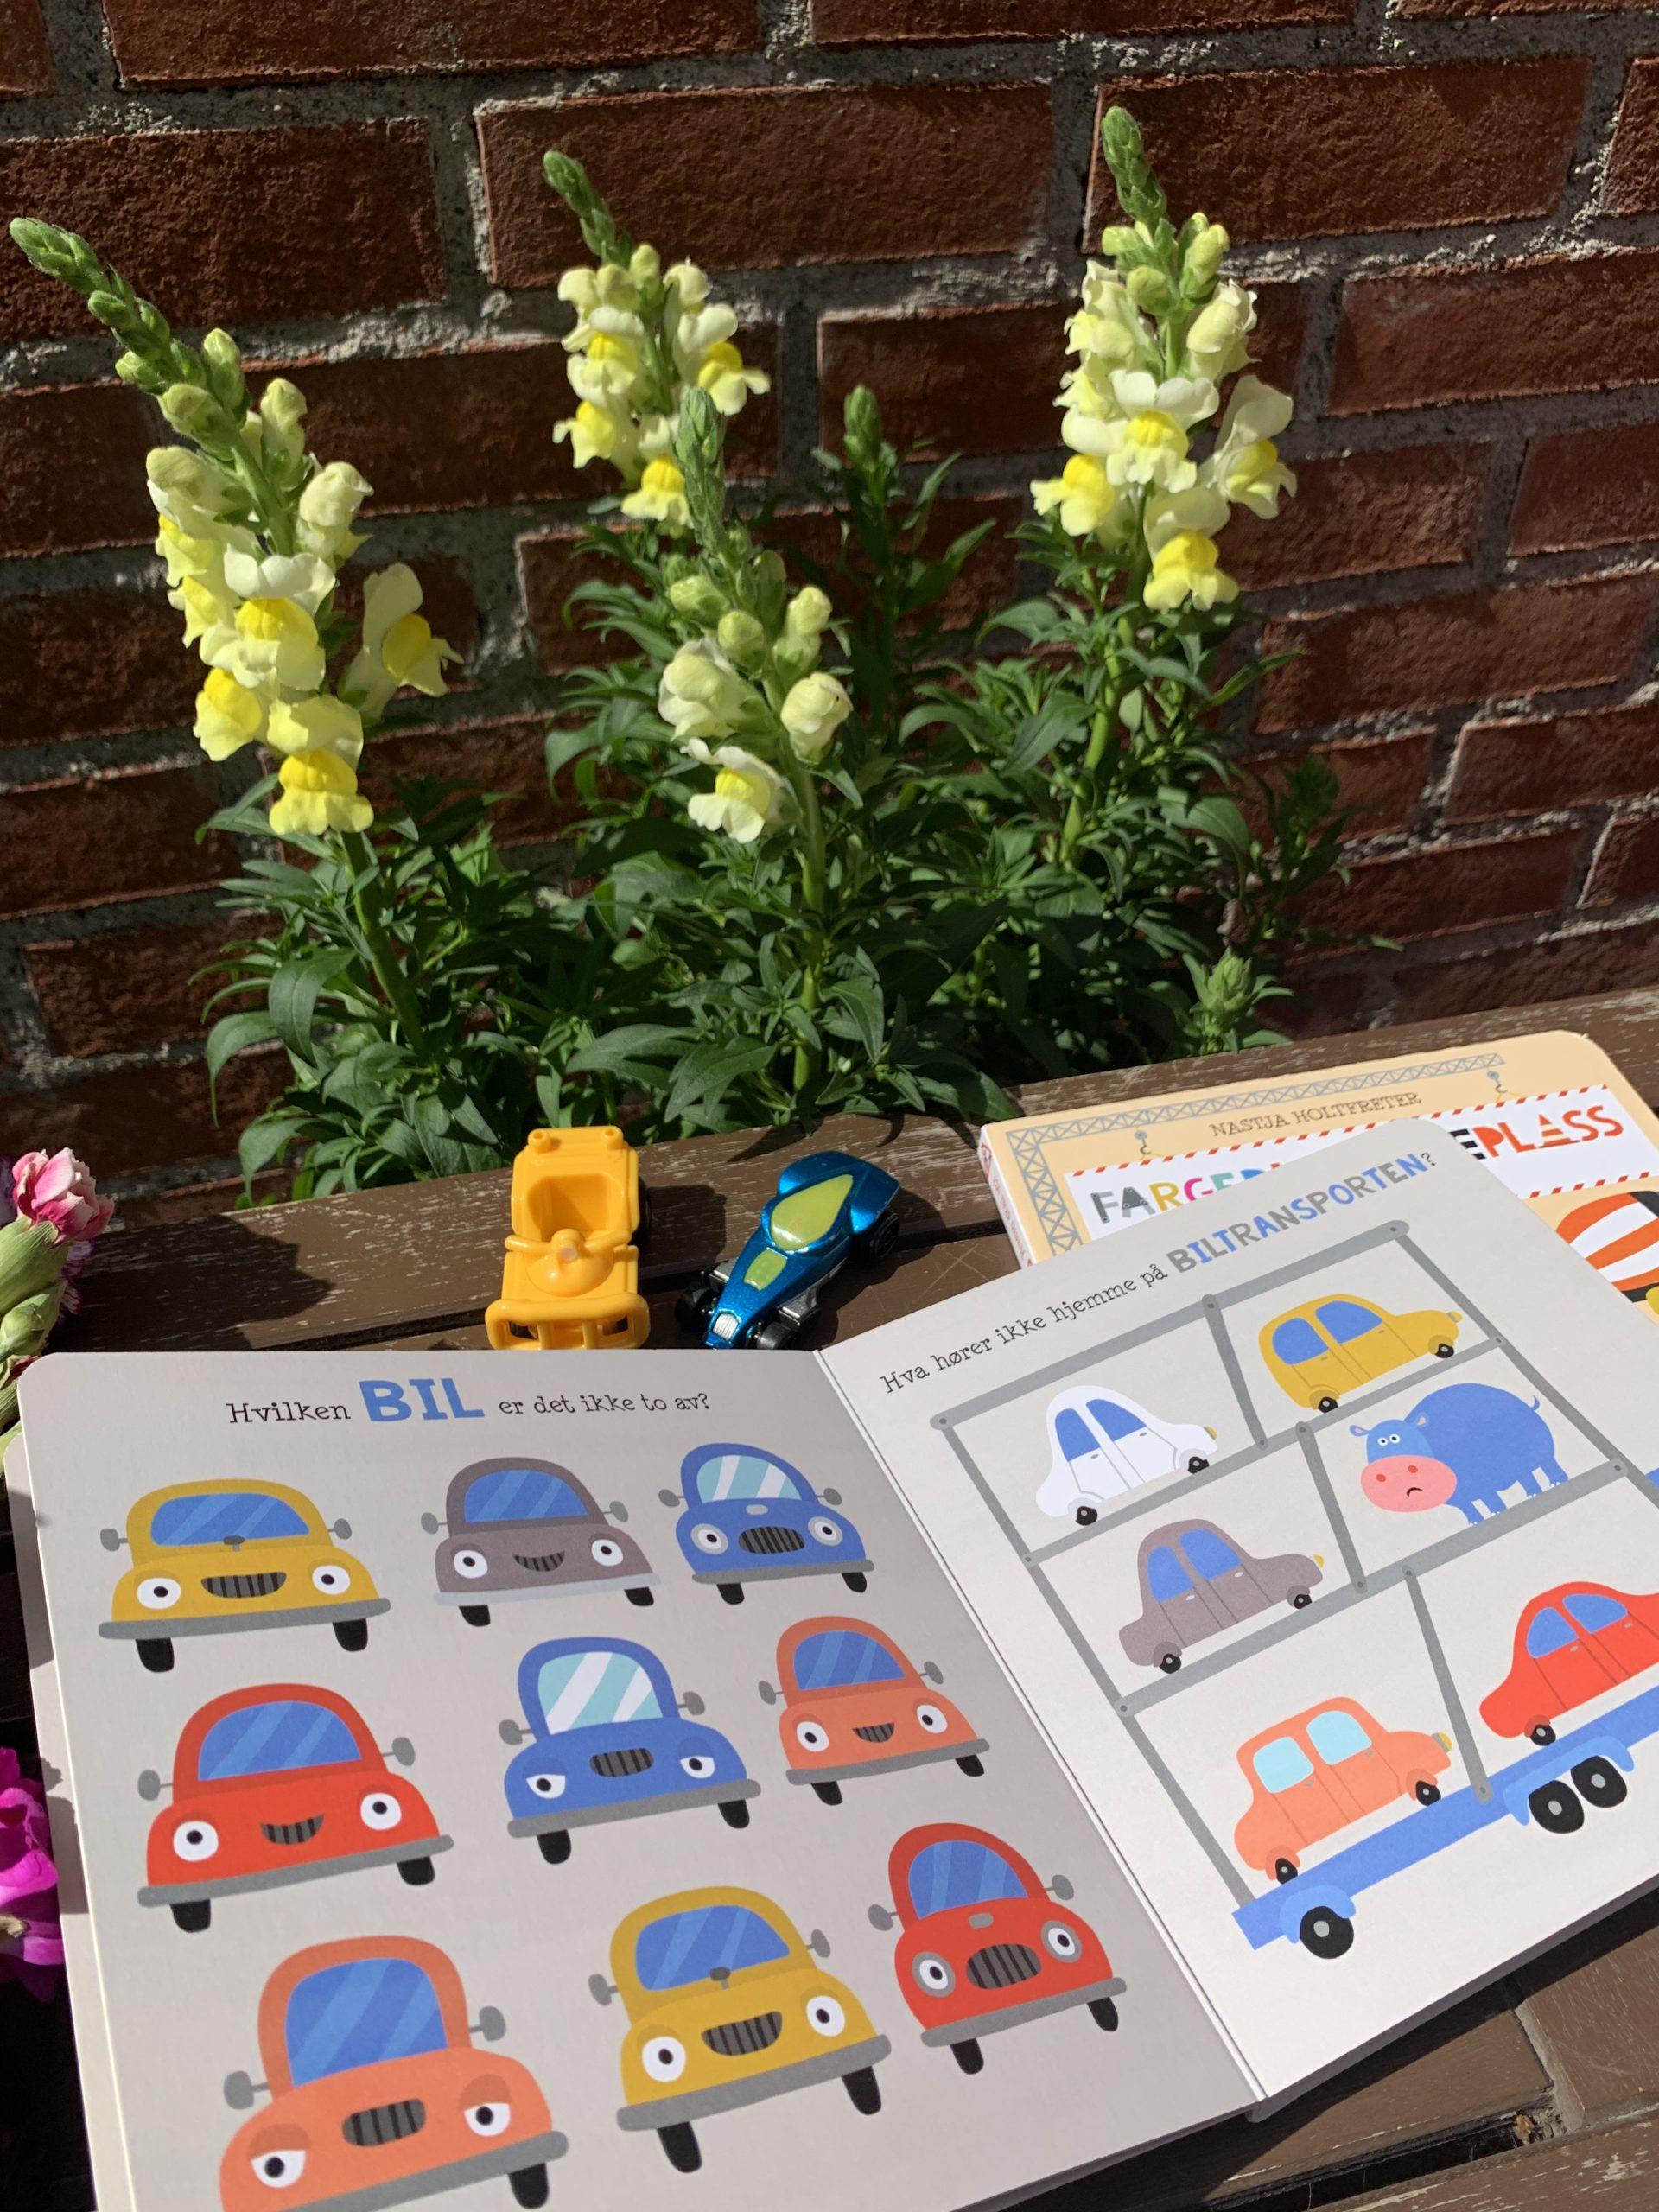 Barnebøker, bildebøker, barneboktips, eventyr, eventyrbøker, bøker om dyr, dyrene, kjørtøy, bilder, lastebiler, eksotiske dyr, dyrene i afrika, bestselgere, barneboktips, de beste barnebøkene, bøker for 3-åringen, 2-åringen, bøker for 1-åringen, bøker for 4-åringen, bursdagsgave, julegave, Nastja Holtfreter, pappbøker, bøker for de minste, Figenschou forlag, leseglede, leselyst, les for meg, interaktive bøker.